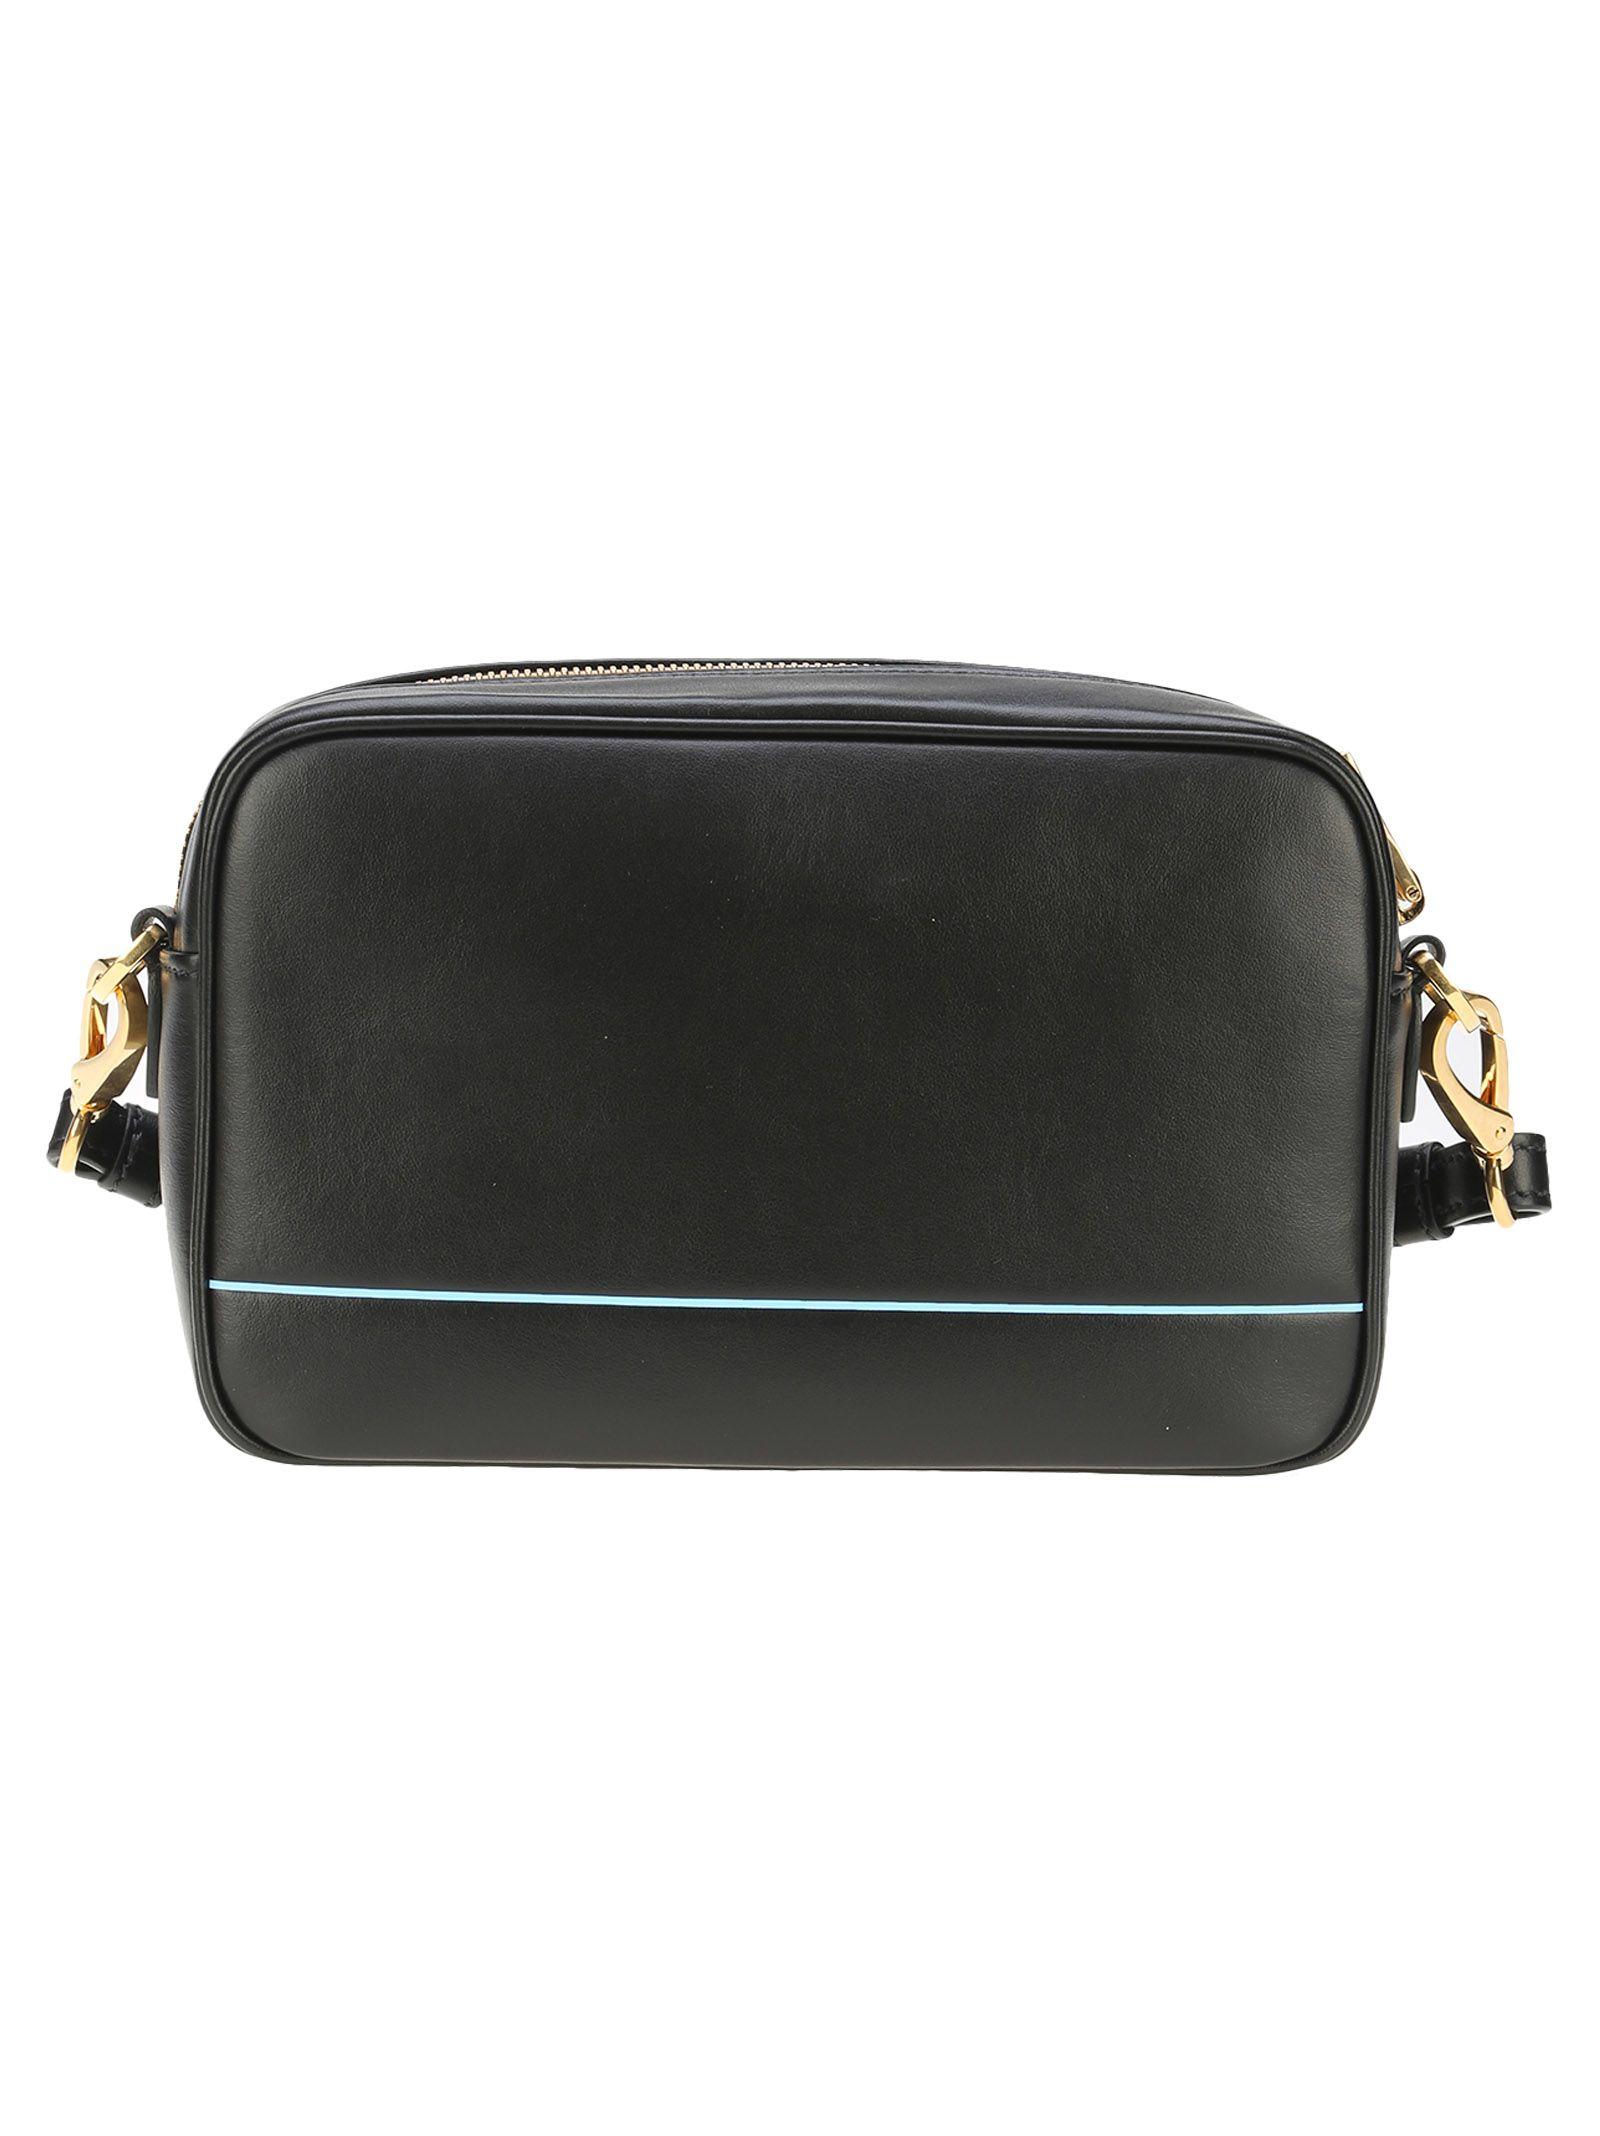 55c68d326badff ... promo code for prada mirage camera bag black 26f8f d12d1